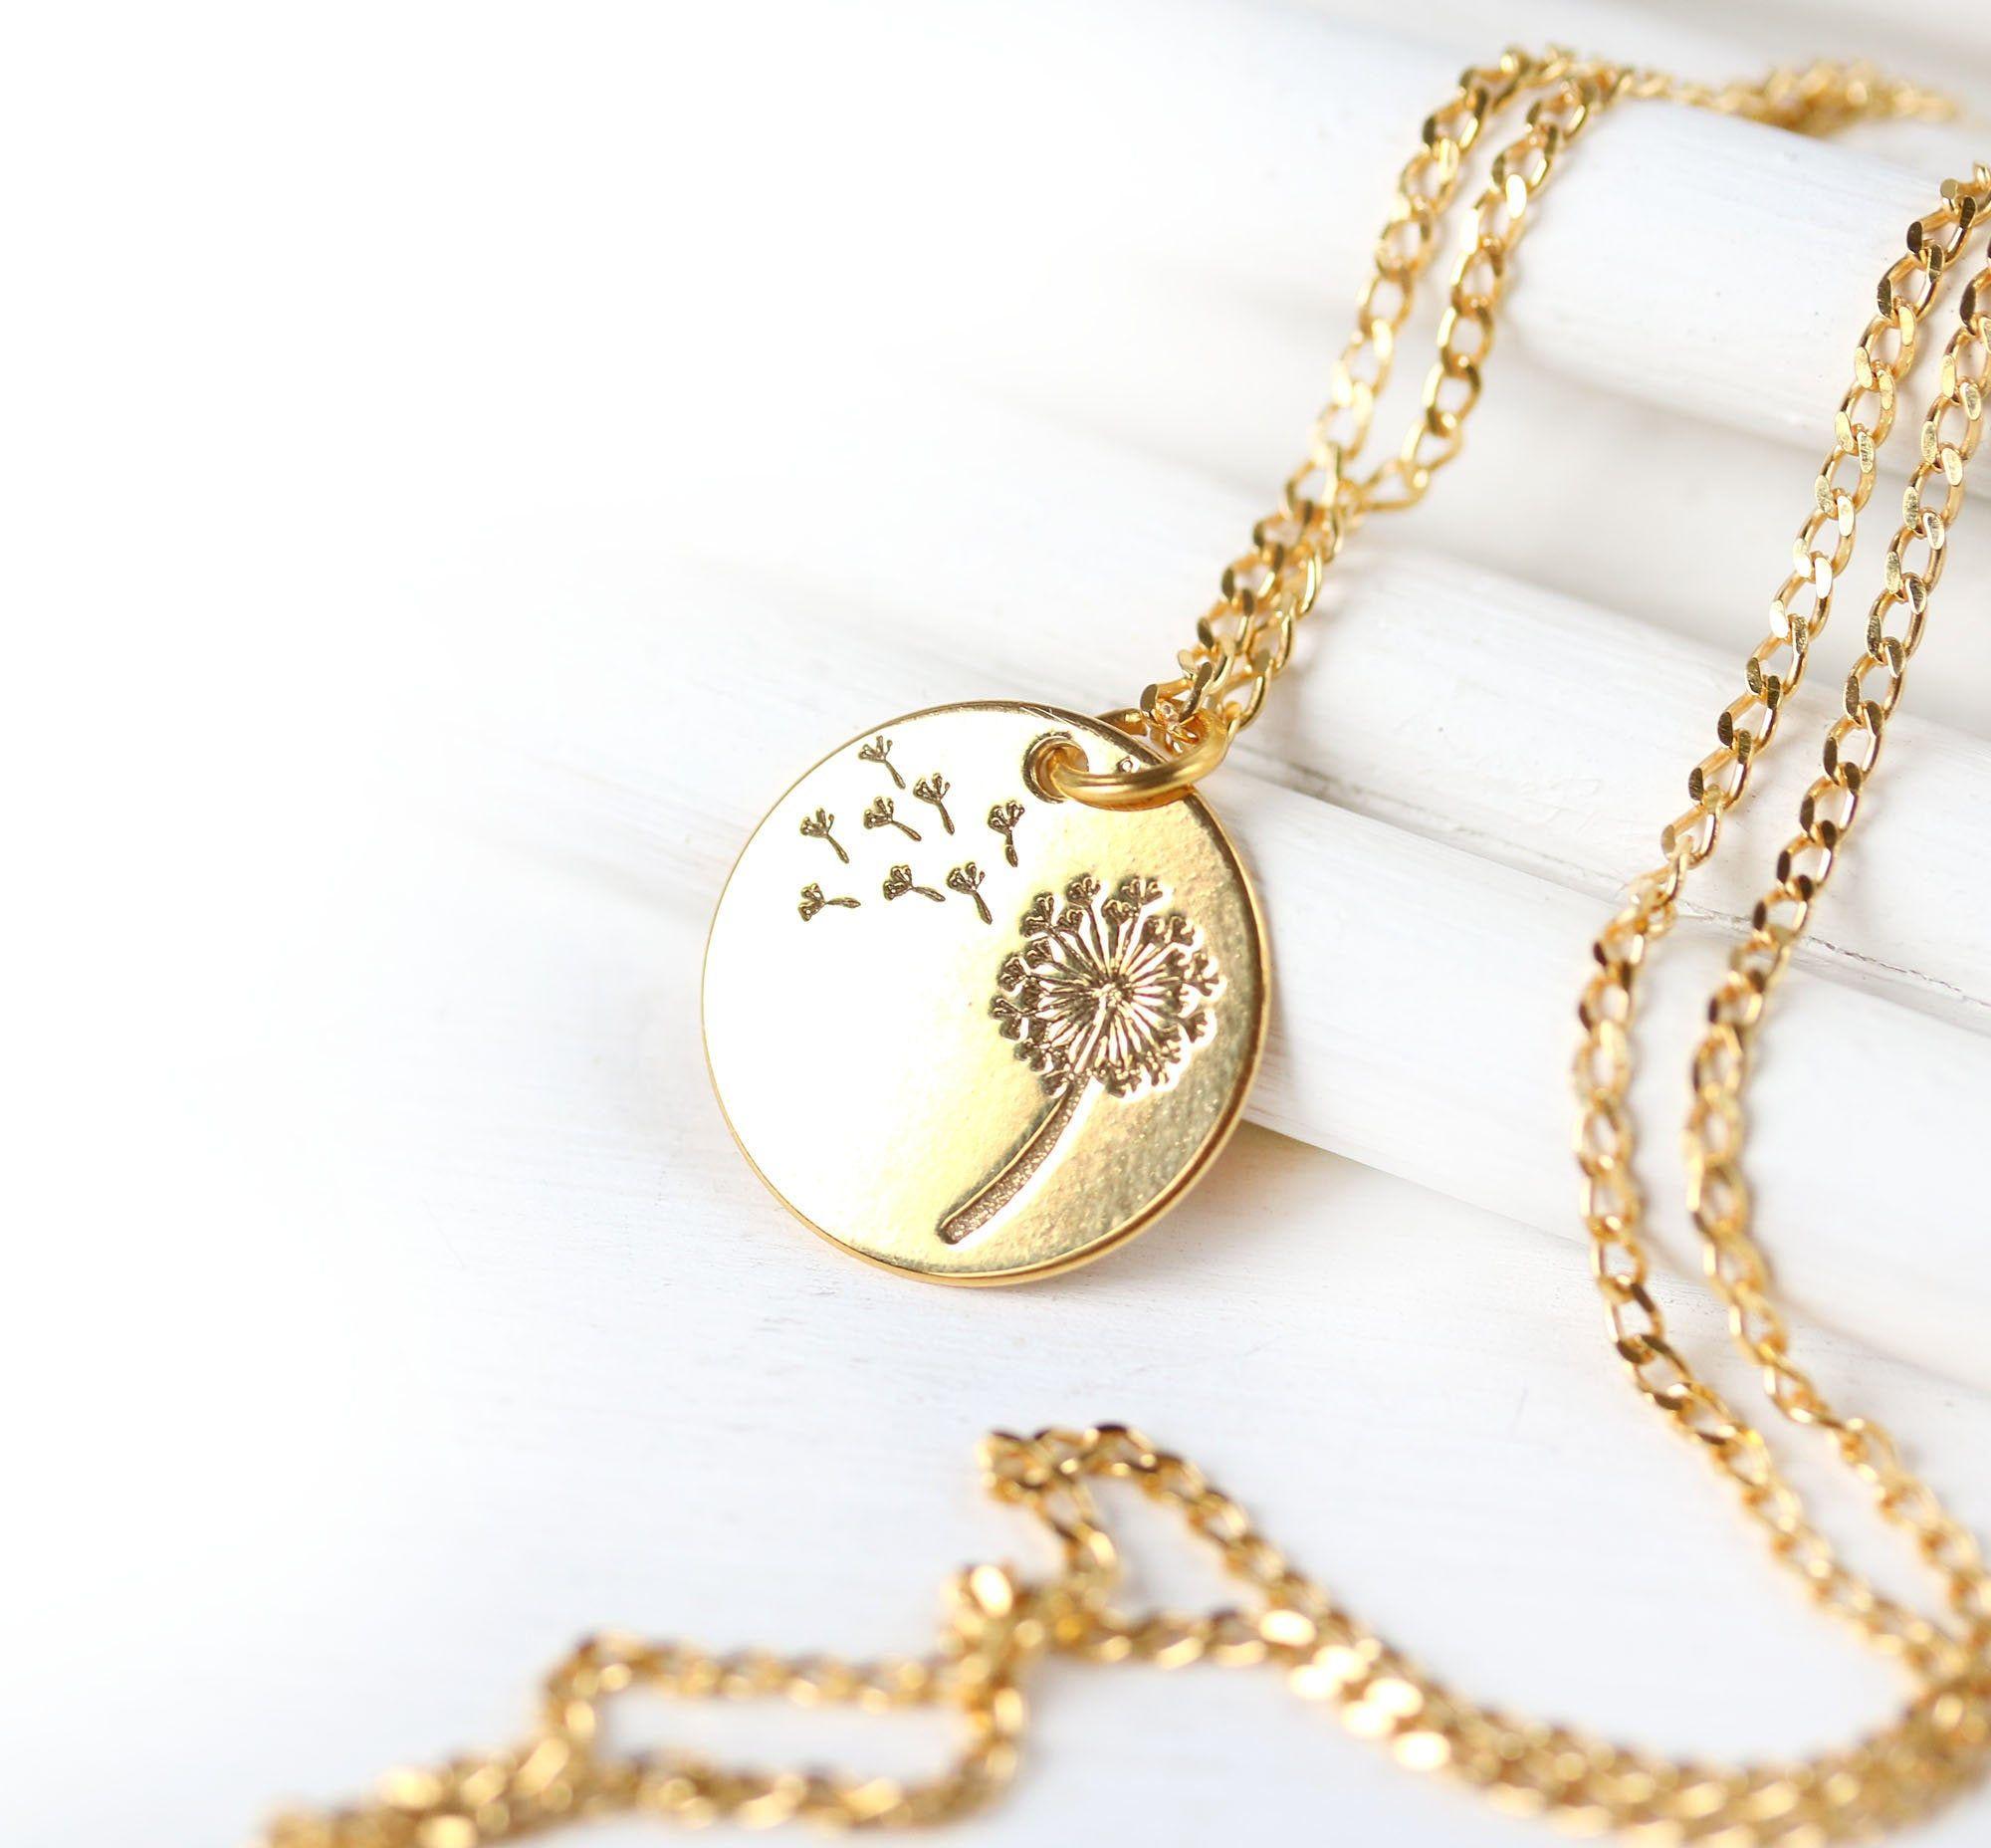 Golden Dandelion Necklace Dainty Feminine Women Jewelry Gold Dandelion Flower Jewelry Wish Necklace Jewelry Gift Guide Dandelion Necklace Jewelry